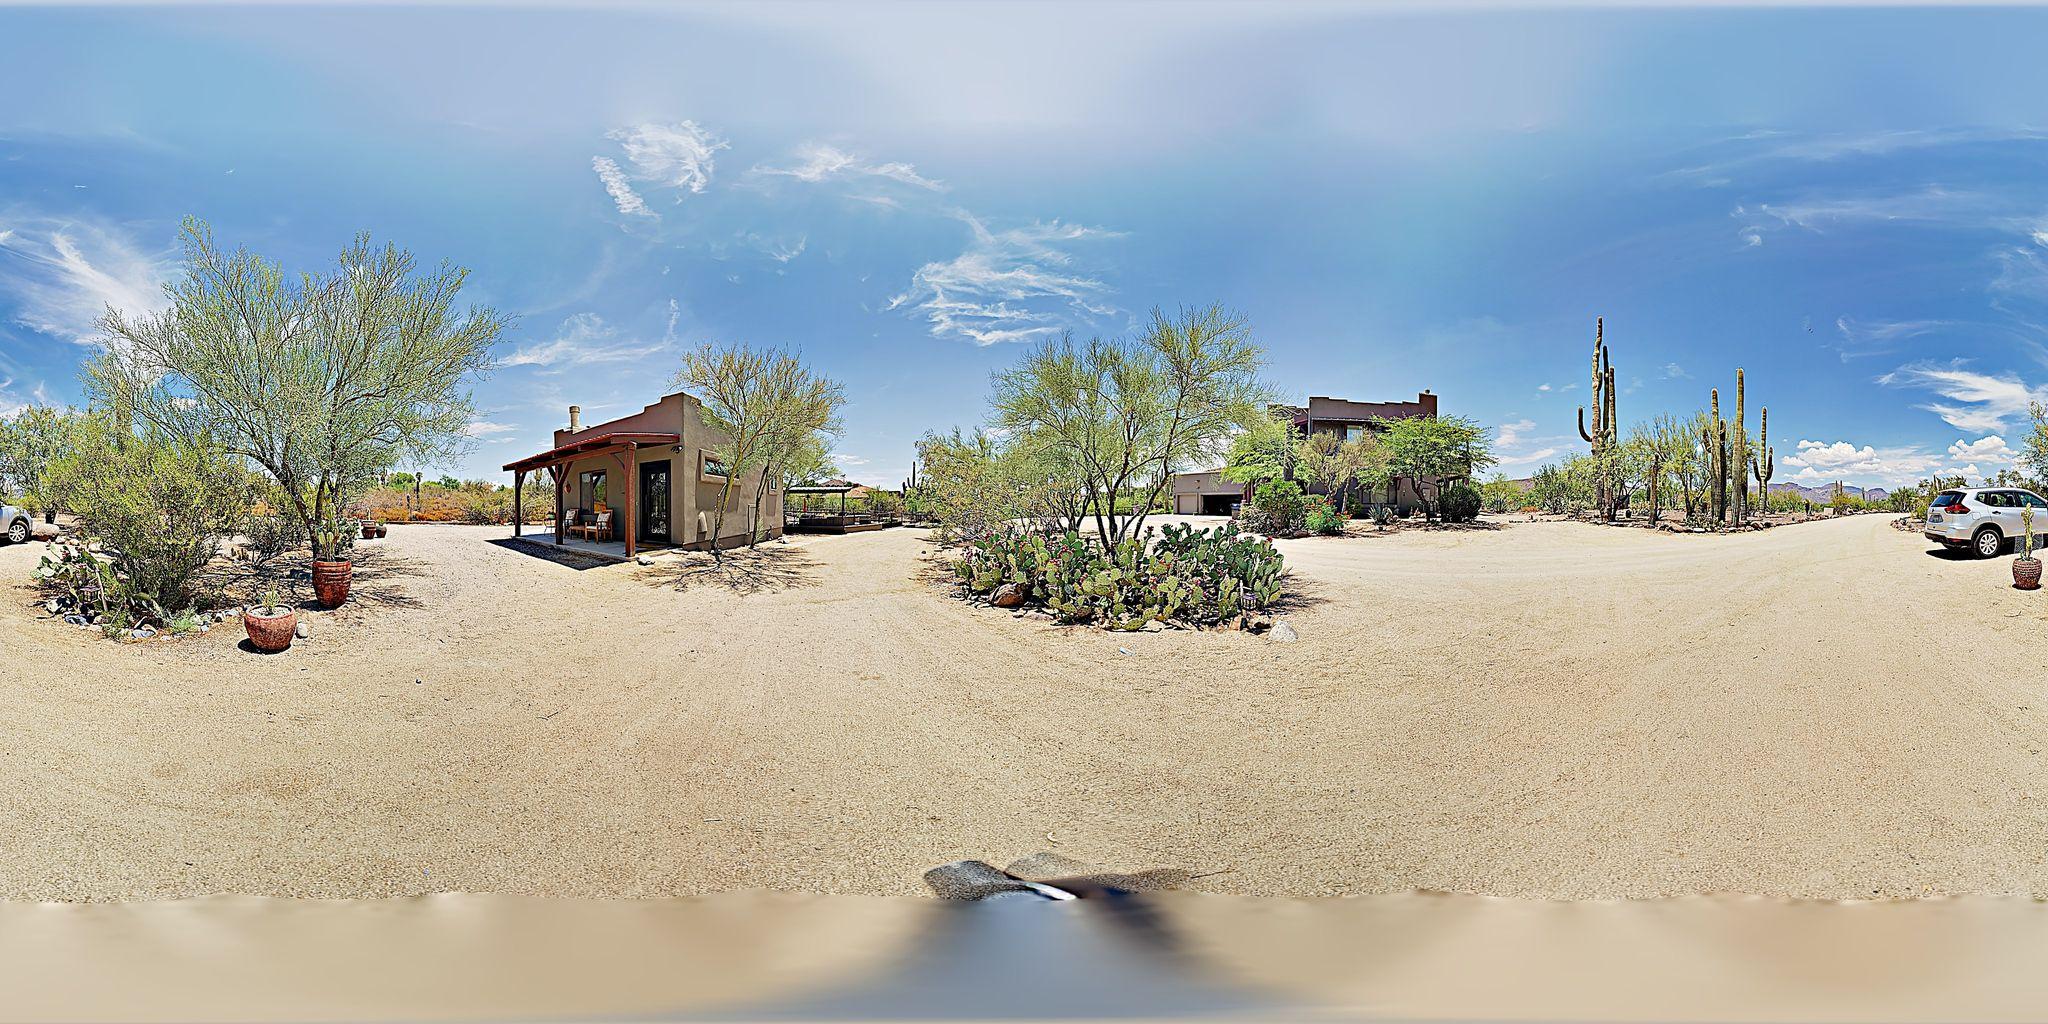 Vivez une expérience immersive 360degrés pour explorer la propriété et ses caractéristiques.